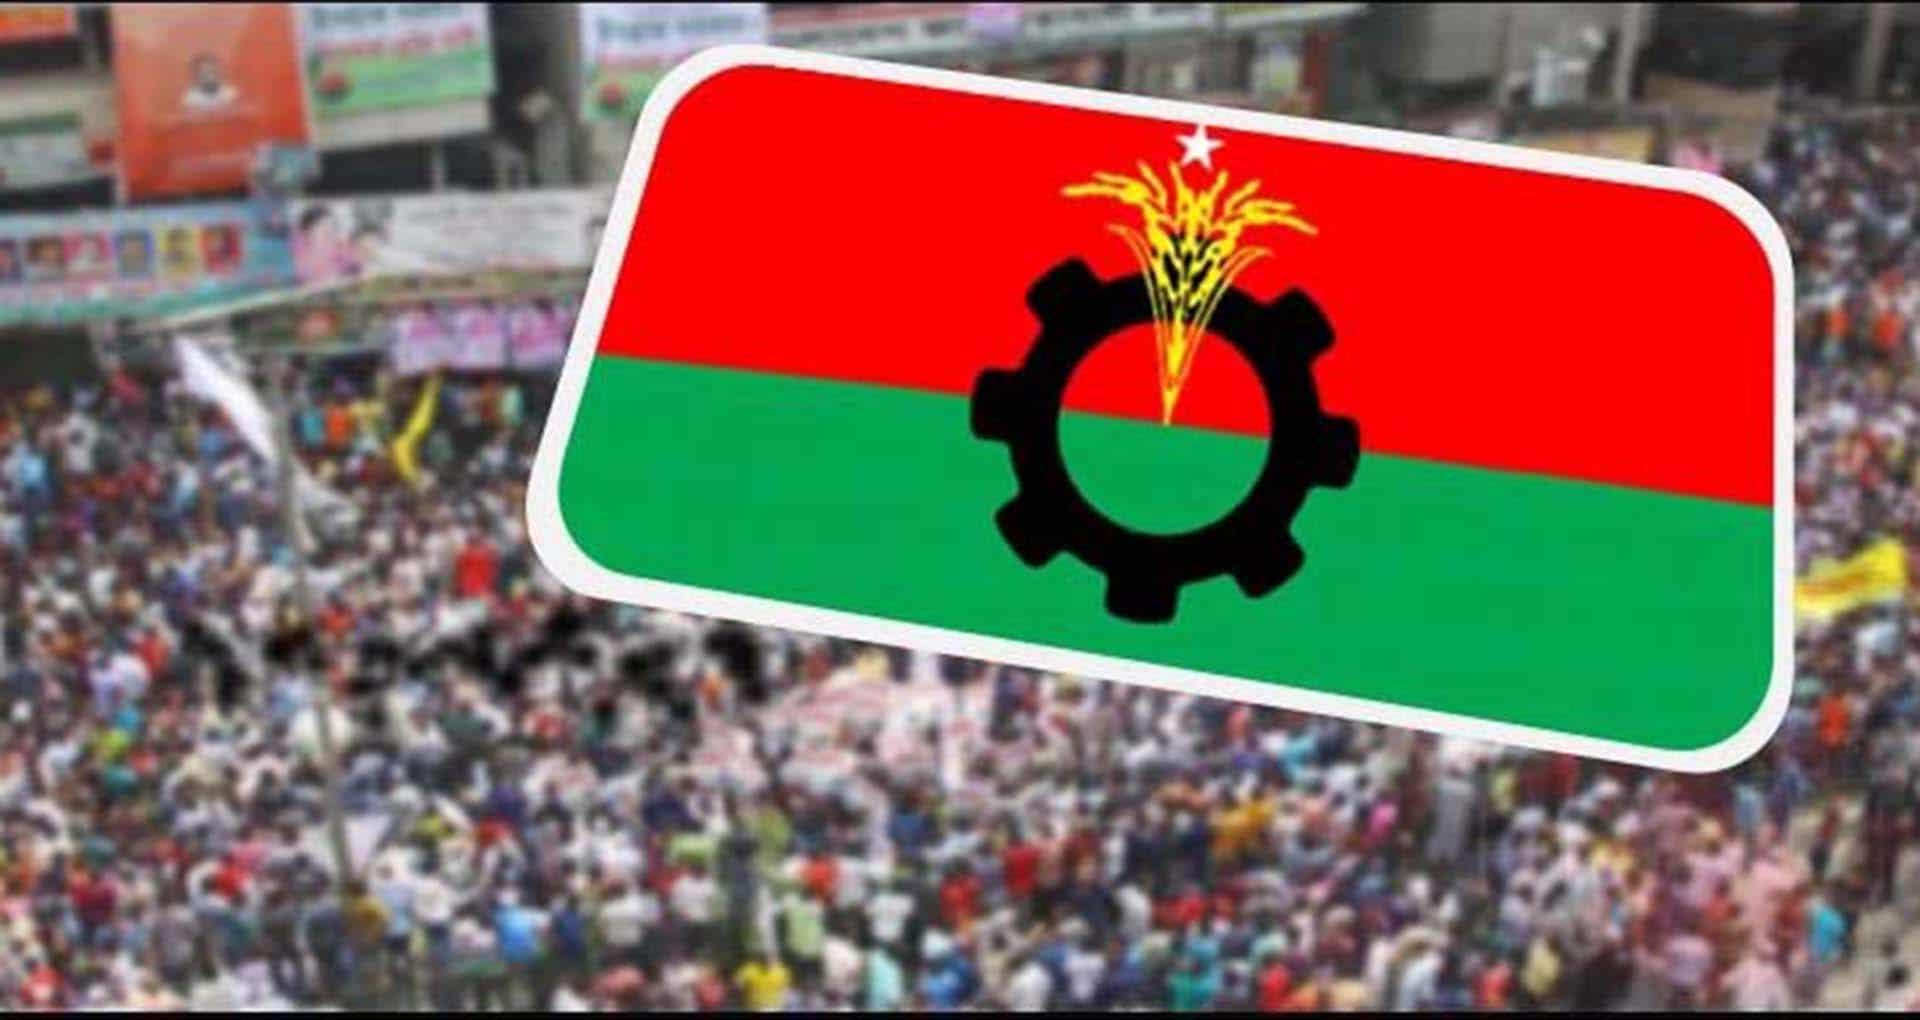 দিশা পাচ্ছে না বাংলাদেশ জাতীয়তাবাদী দল (বিএনপি)